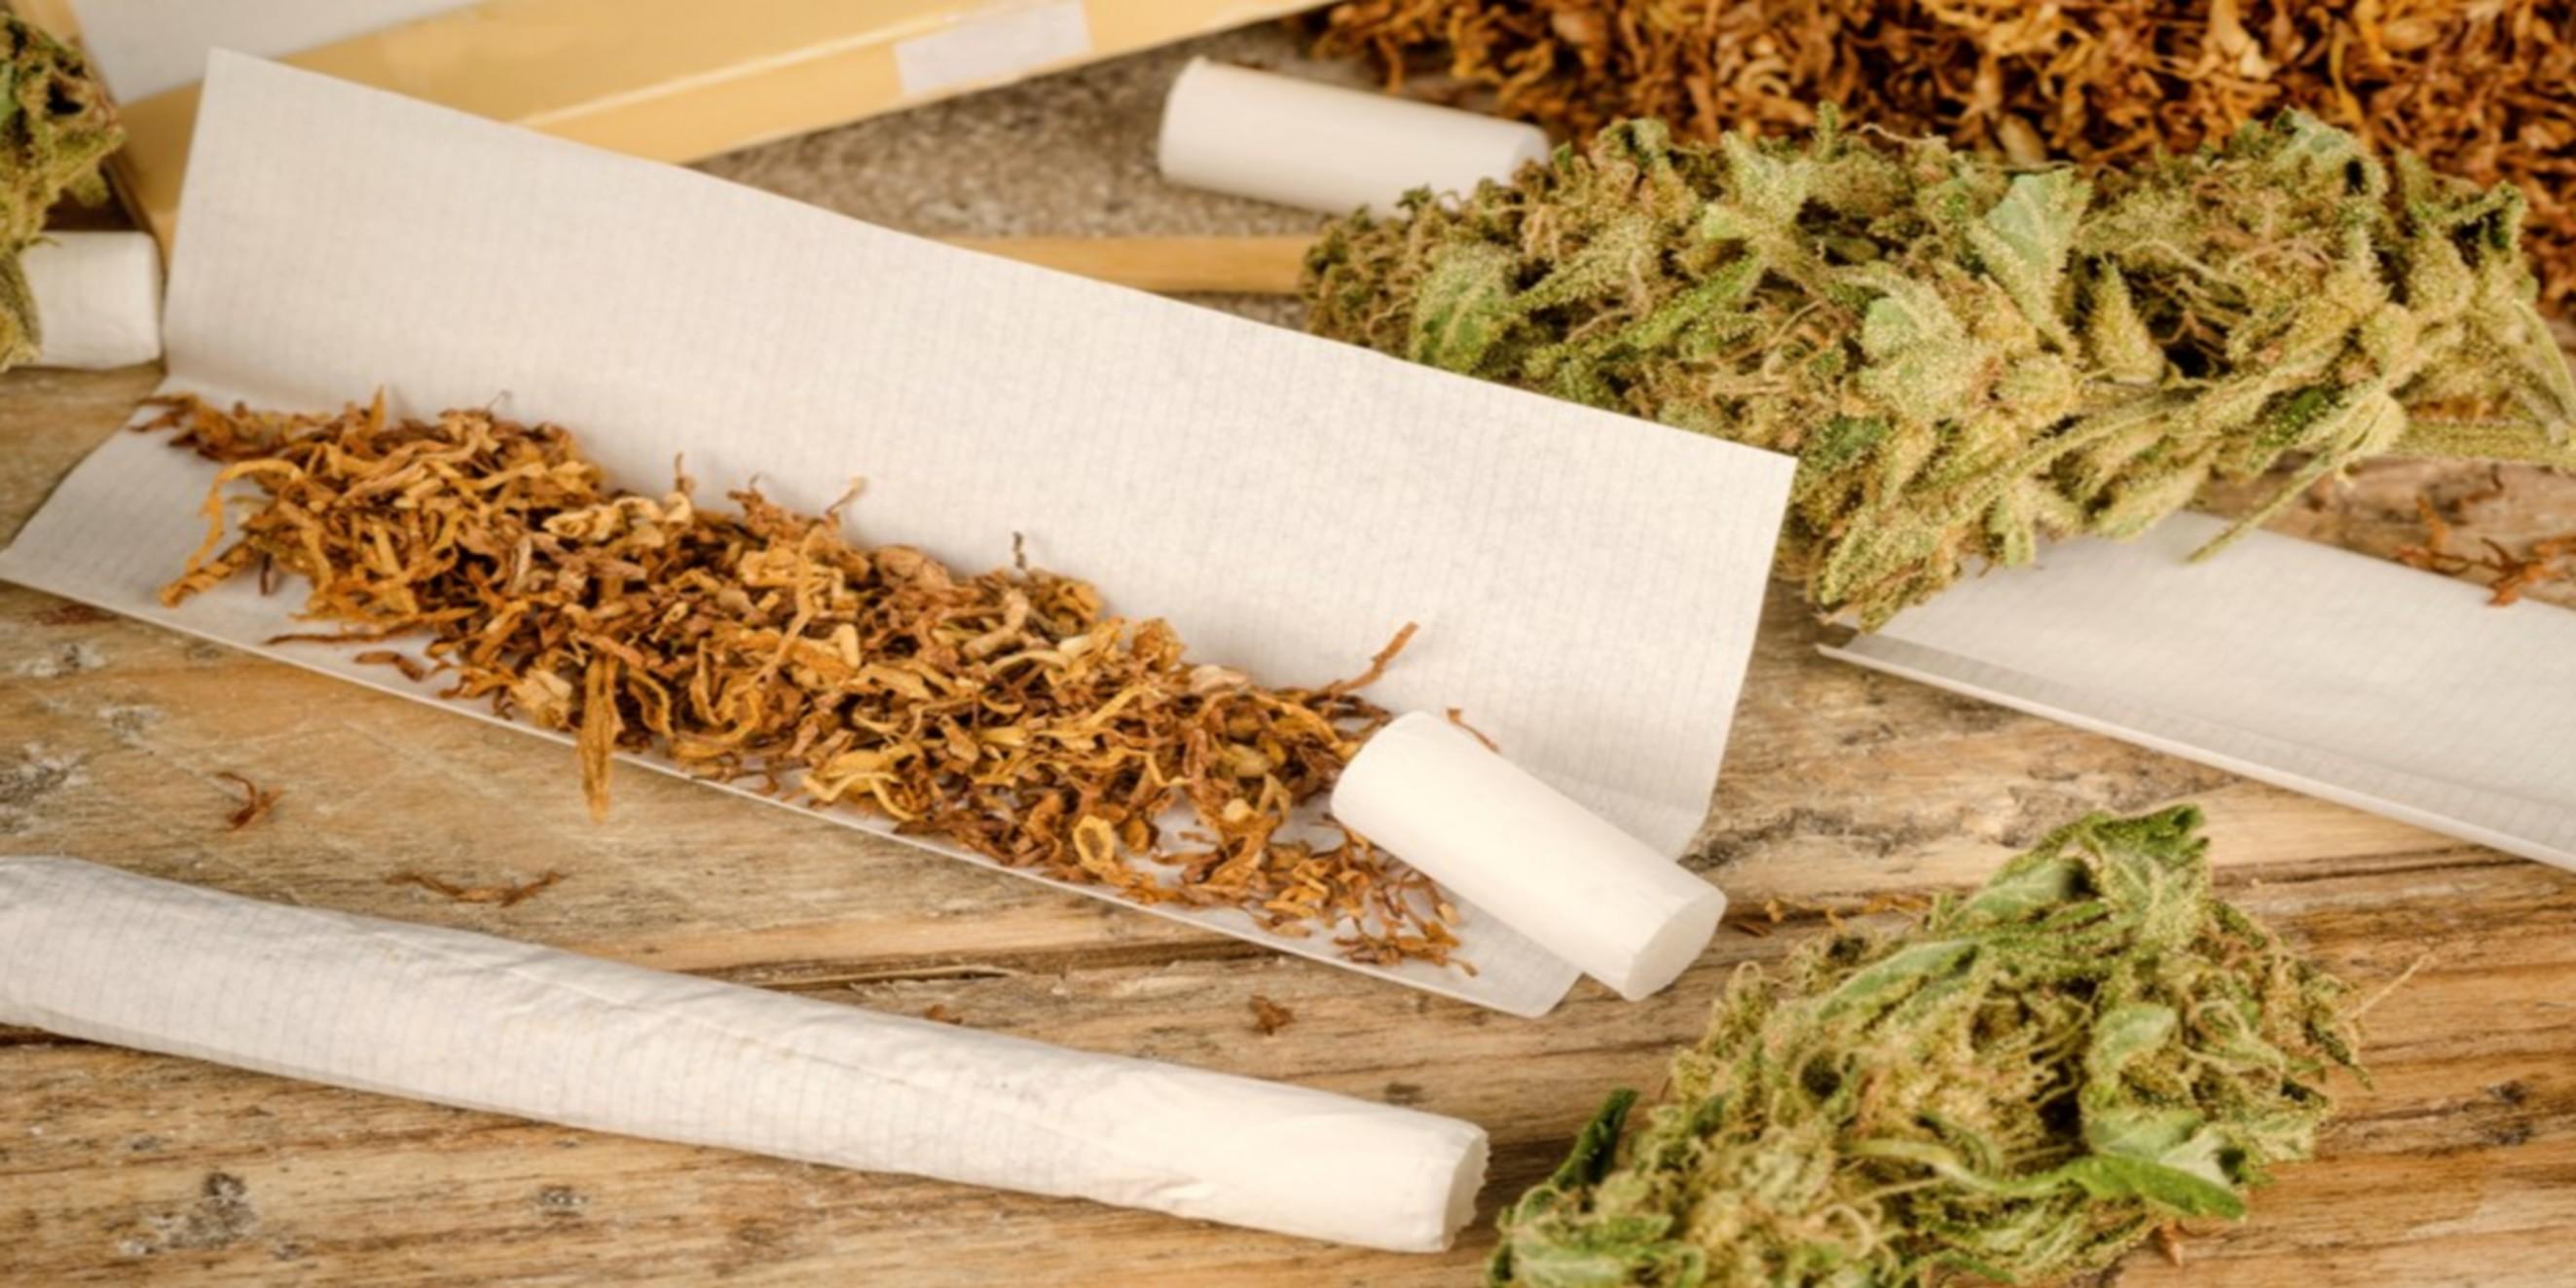 Jaký vliv má marihuana s tabákem na naše tělo??